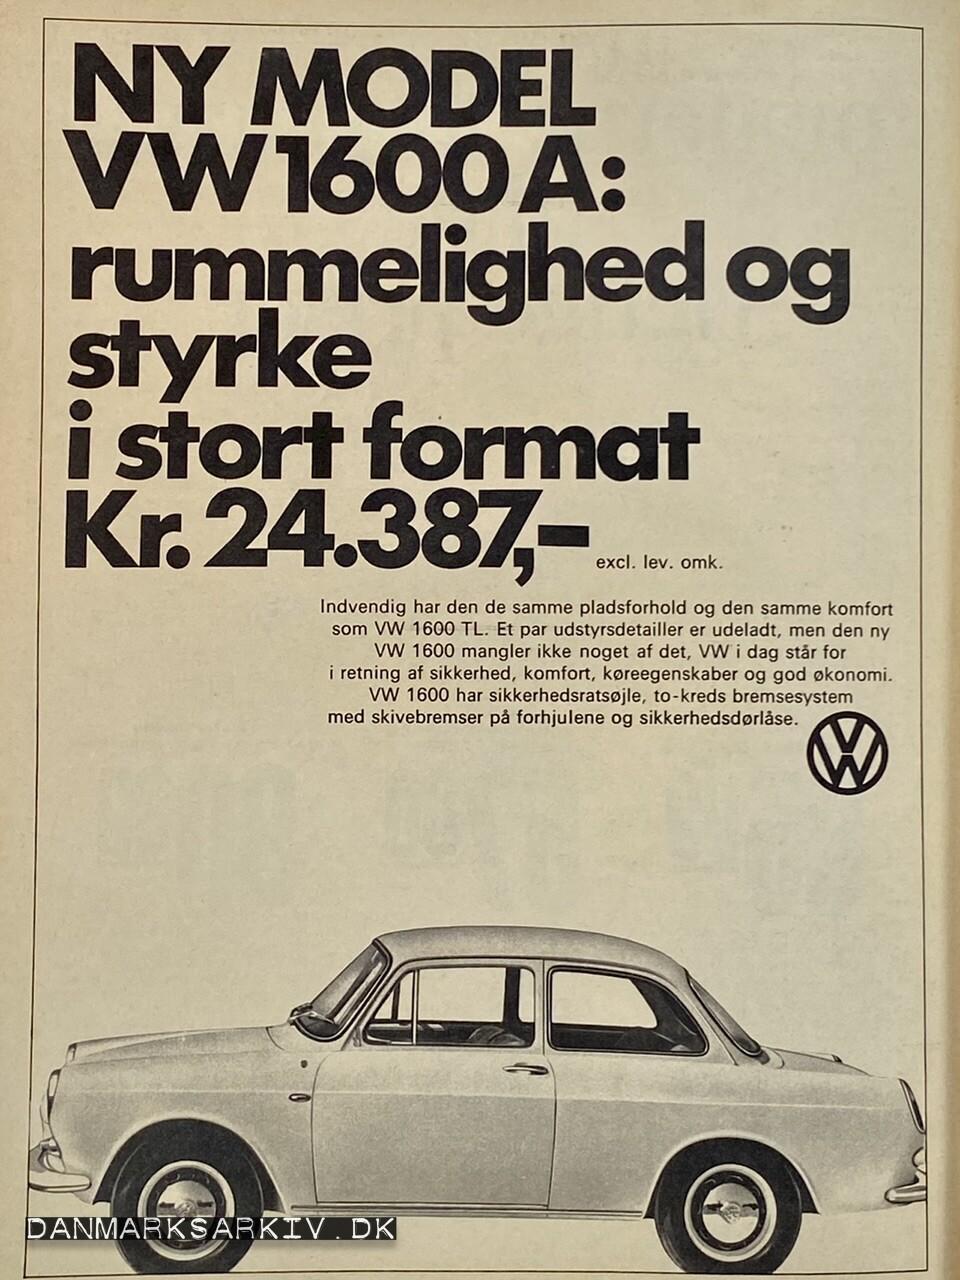 Volkswagen 1600 A - Rummelighed og styrke i stort format - 1968